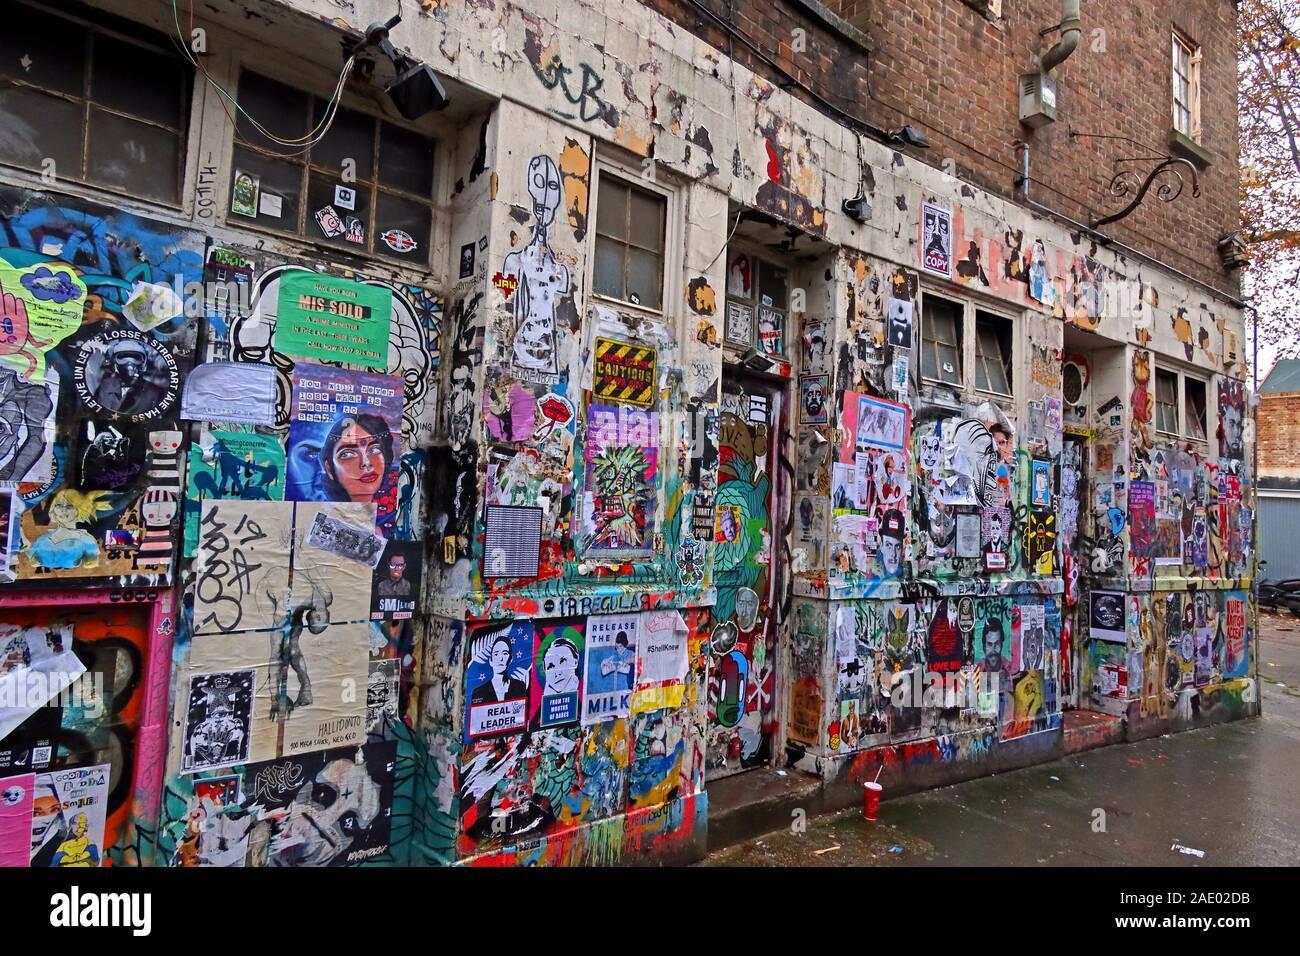 Dieses Stockfoto: Graffiti und Poster, Schablonenkunst, abseits der Brick Lane, East End, London, England, Großbritannien - 2AE02D